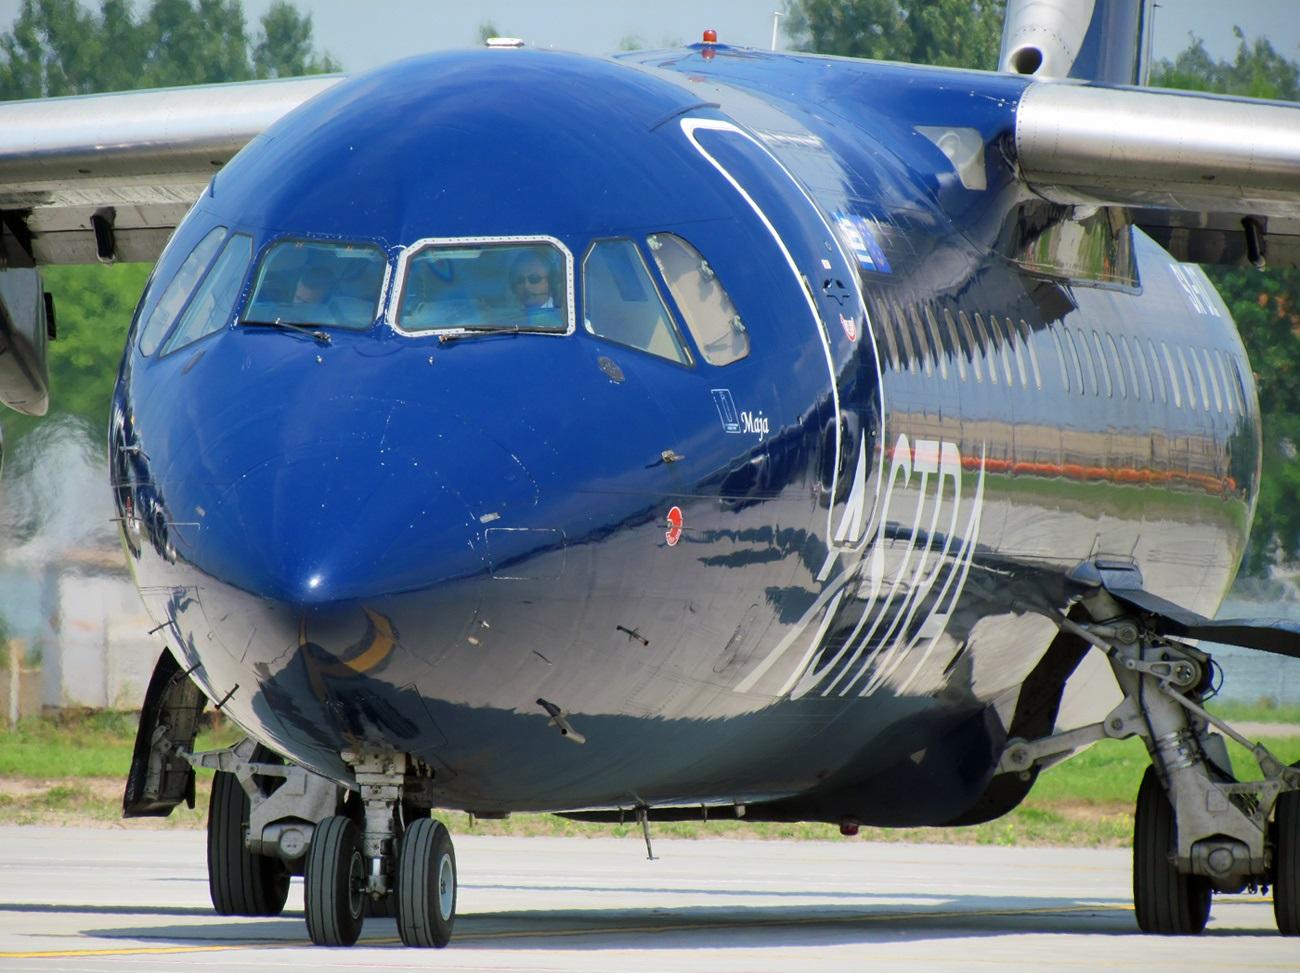 BAe греческой авиакомпании, участвовавший в инциденте в Харьковском аэропорту